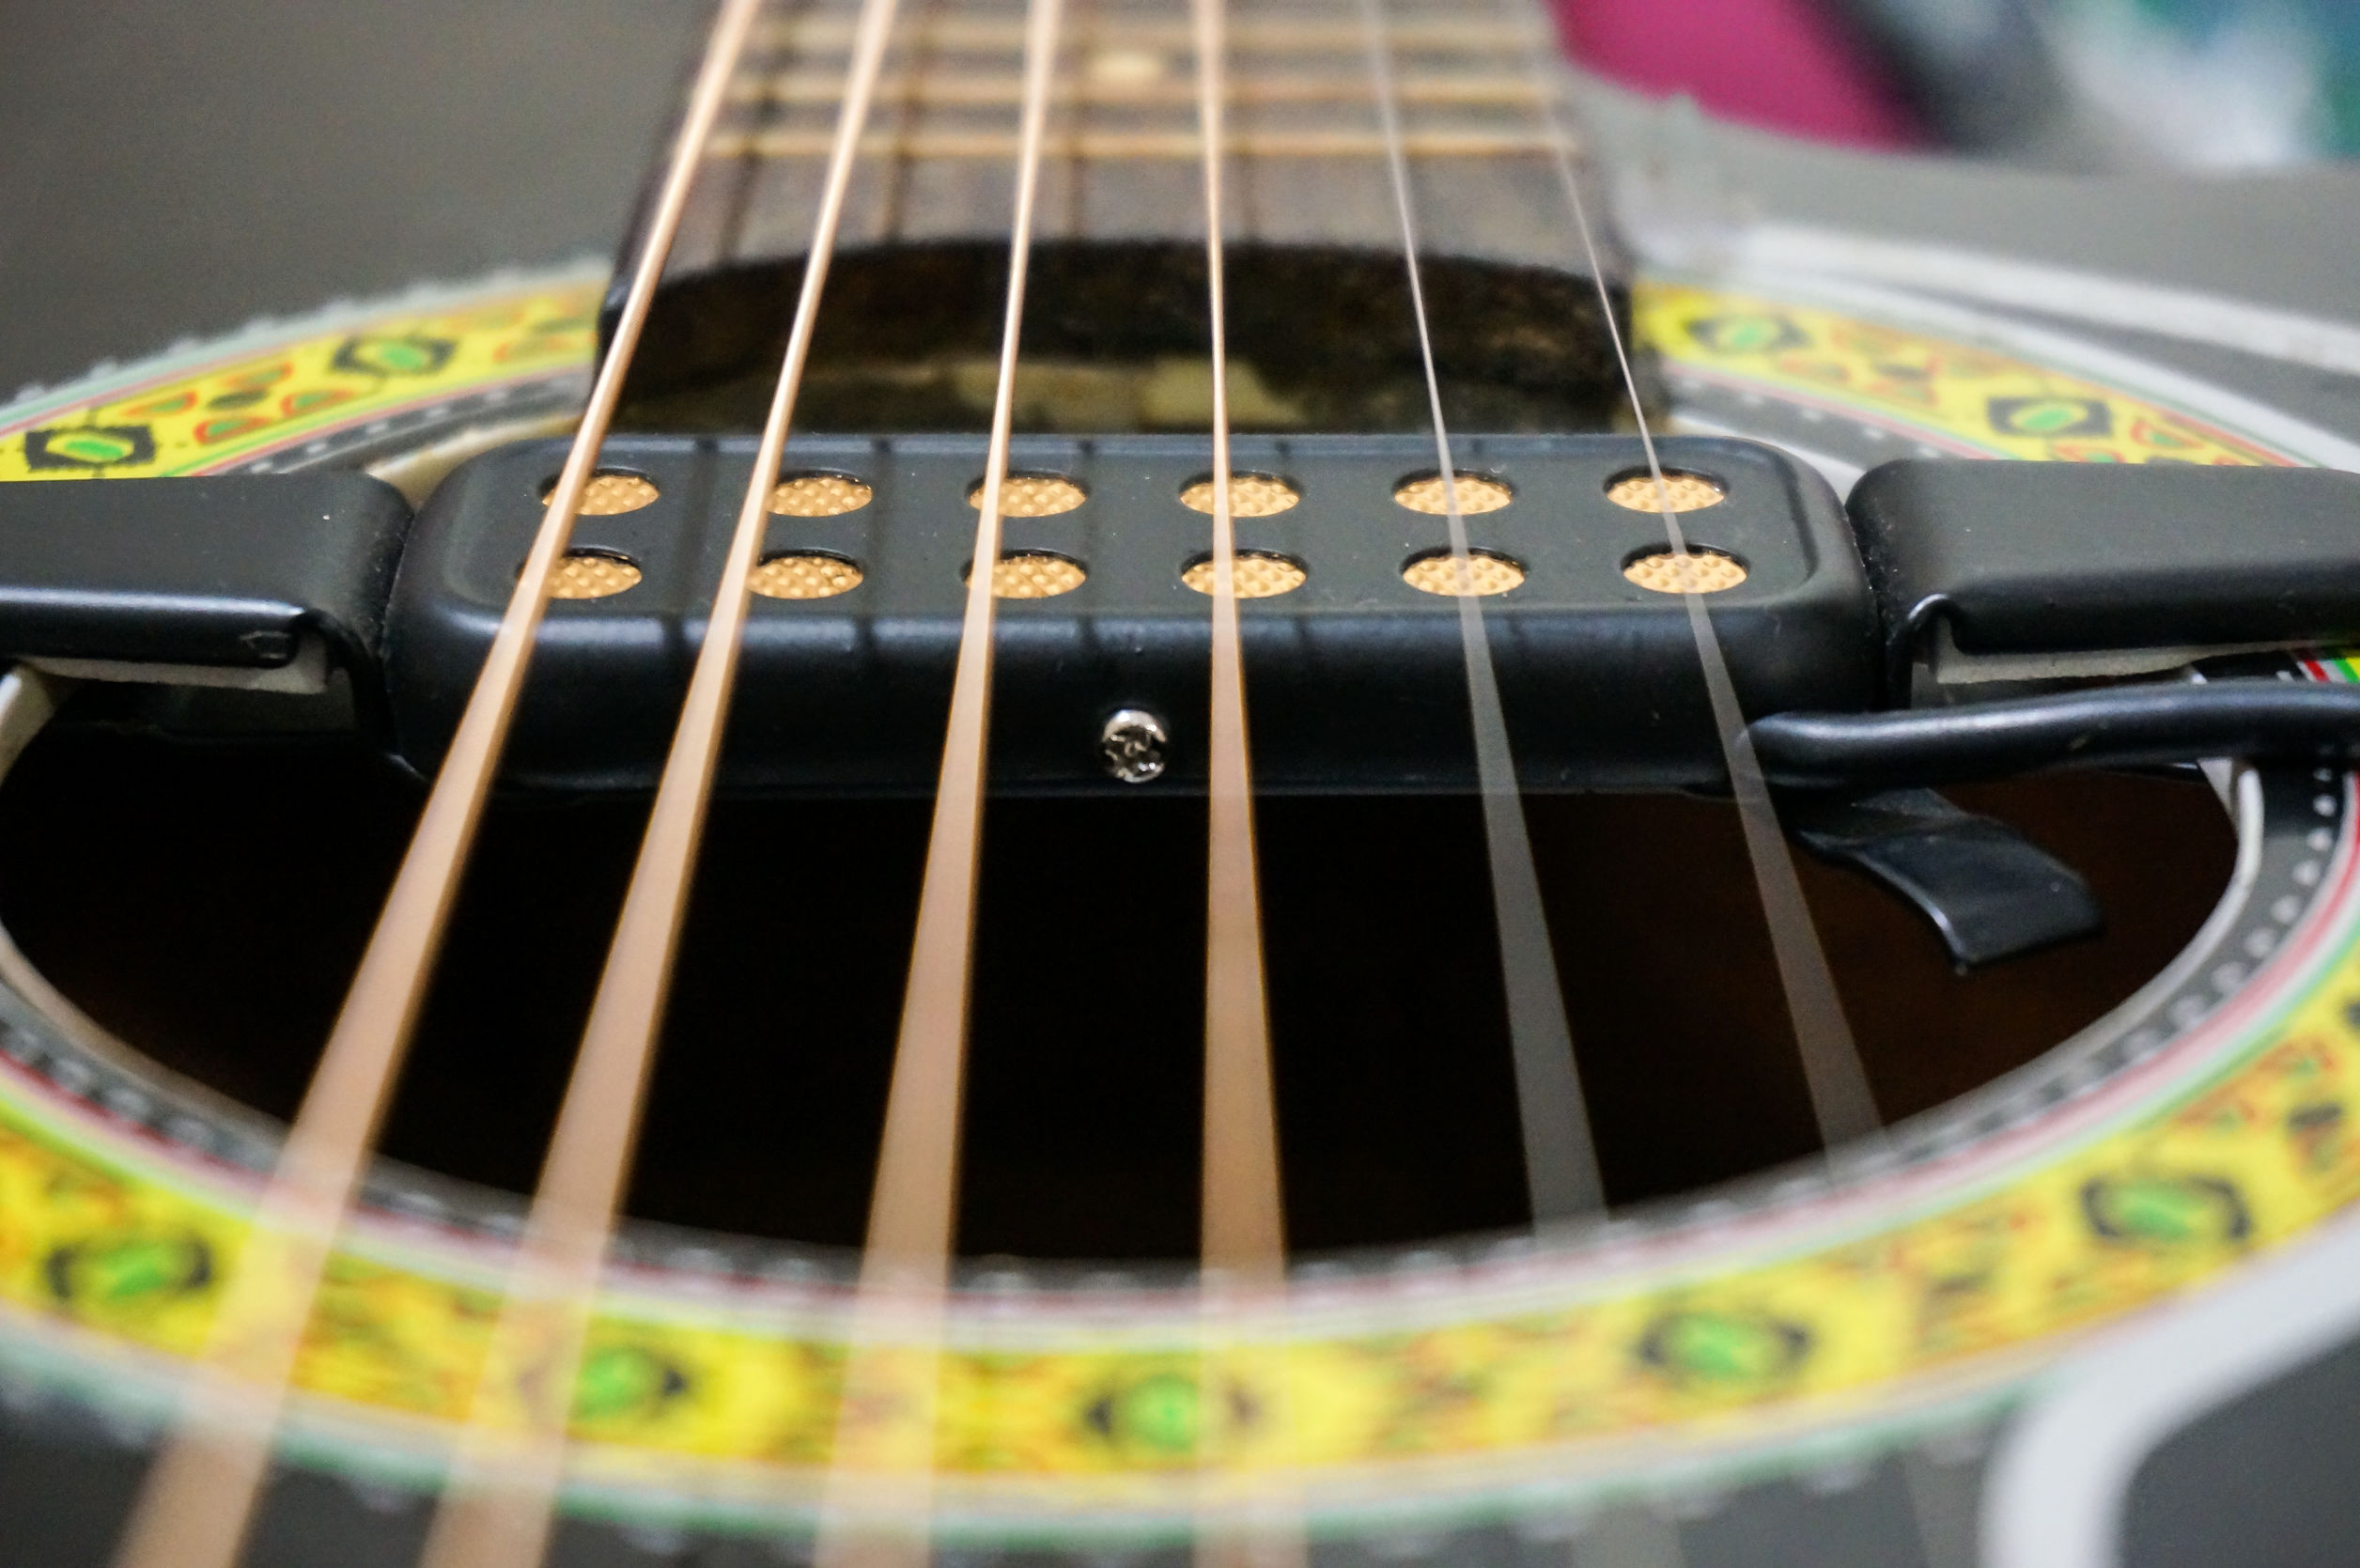 Imagem mostra o close de um captador, em foco seletivo, instalado logo abaixo das cordas de um violão acústico.